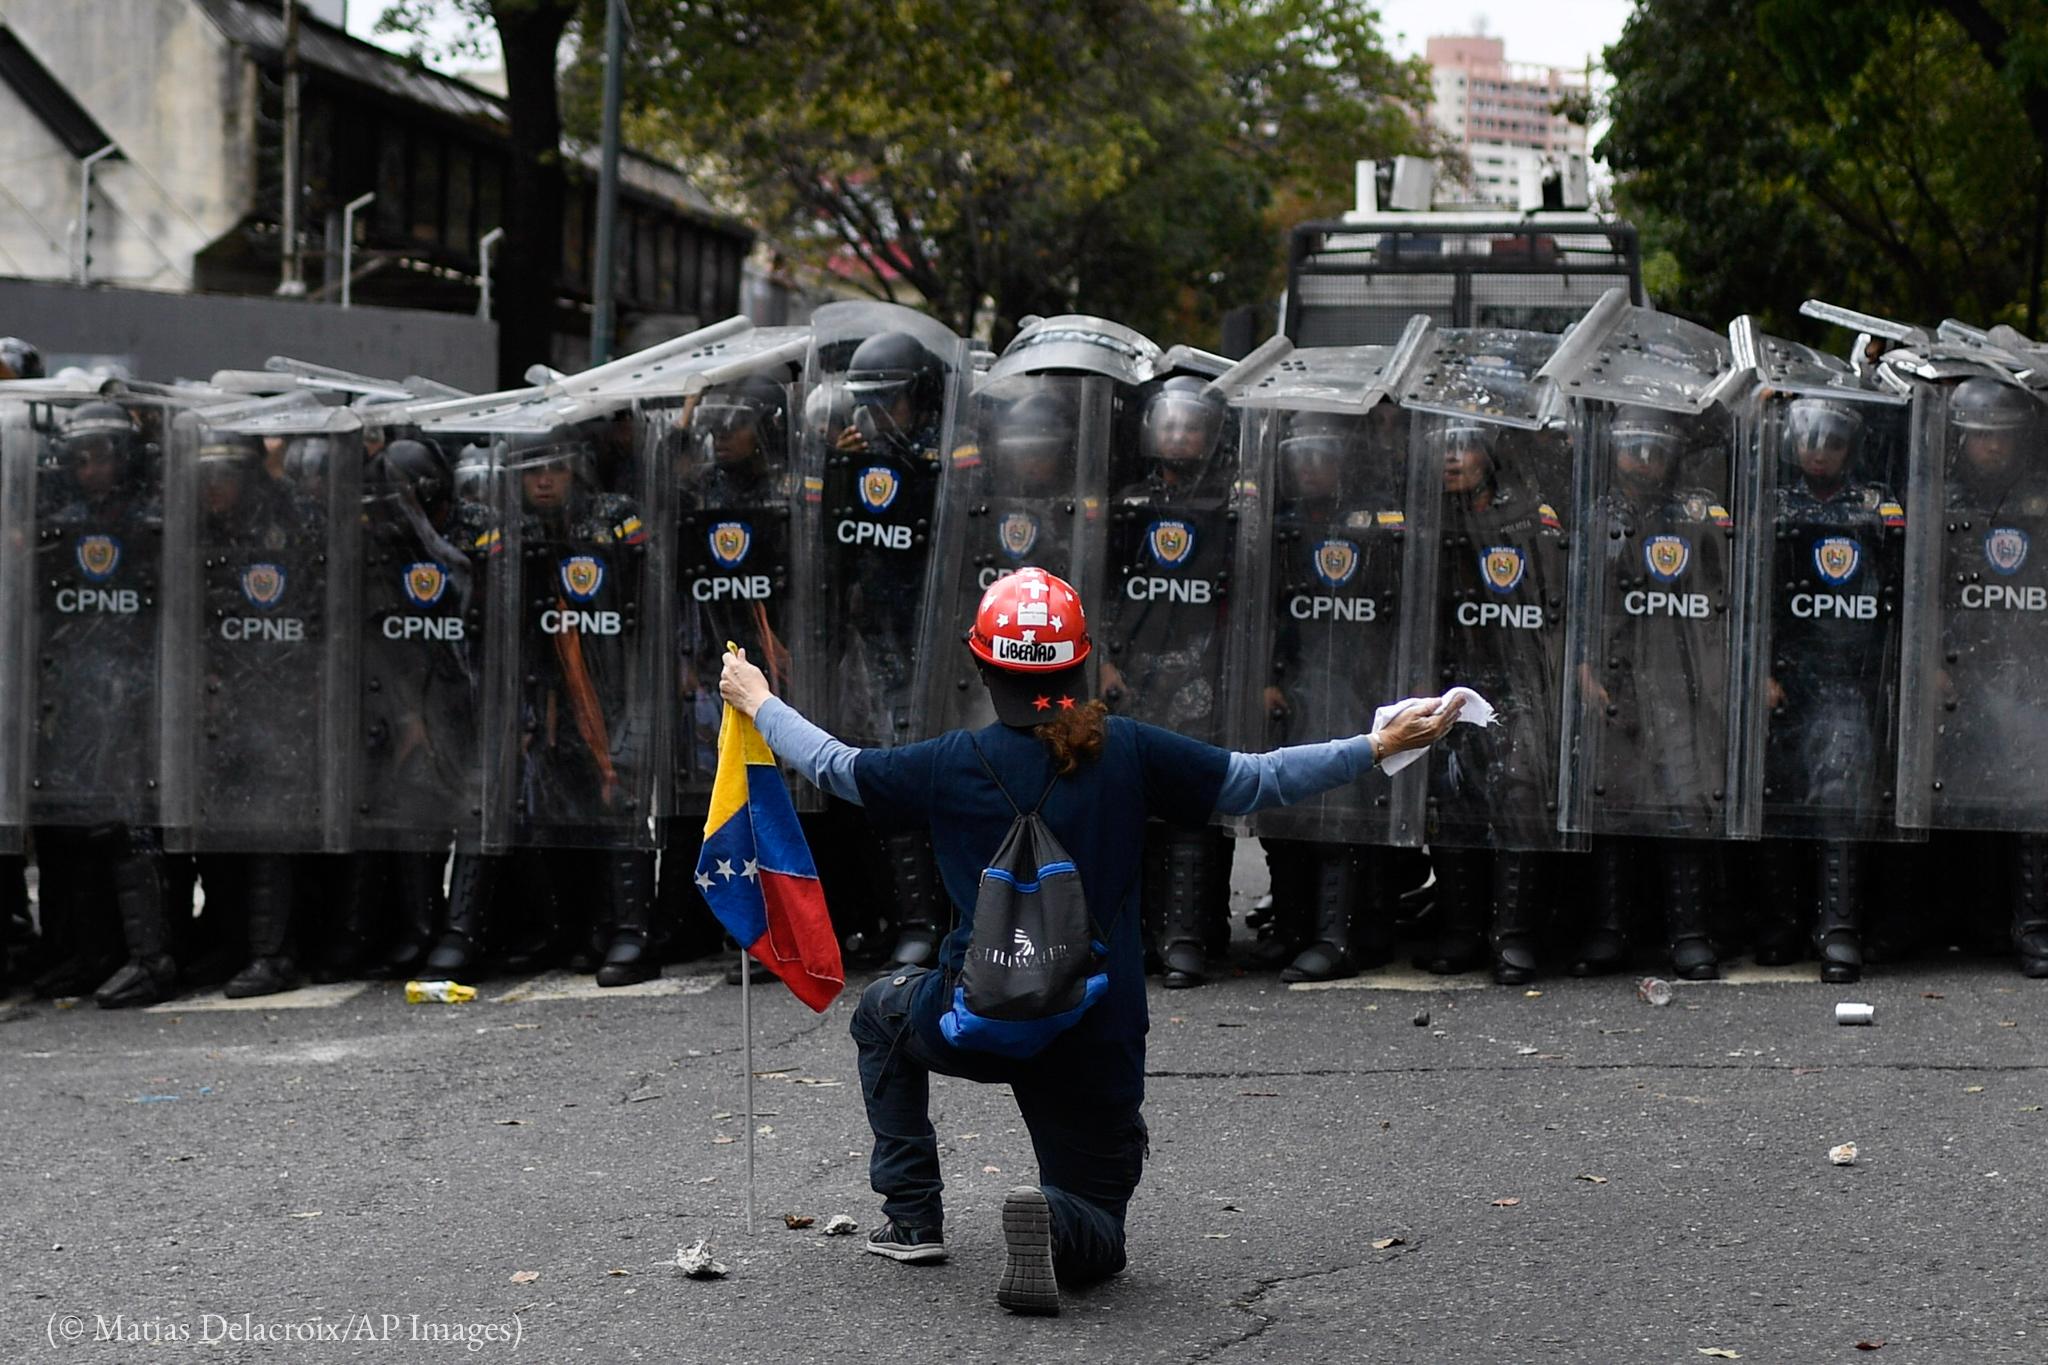 Homem ajoelhado na frente de fileira de policiais com escudos (© Matias Delacroix/AP Images)